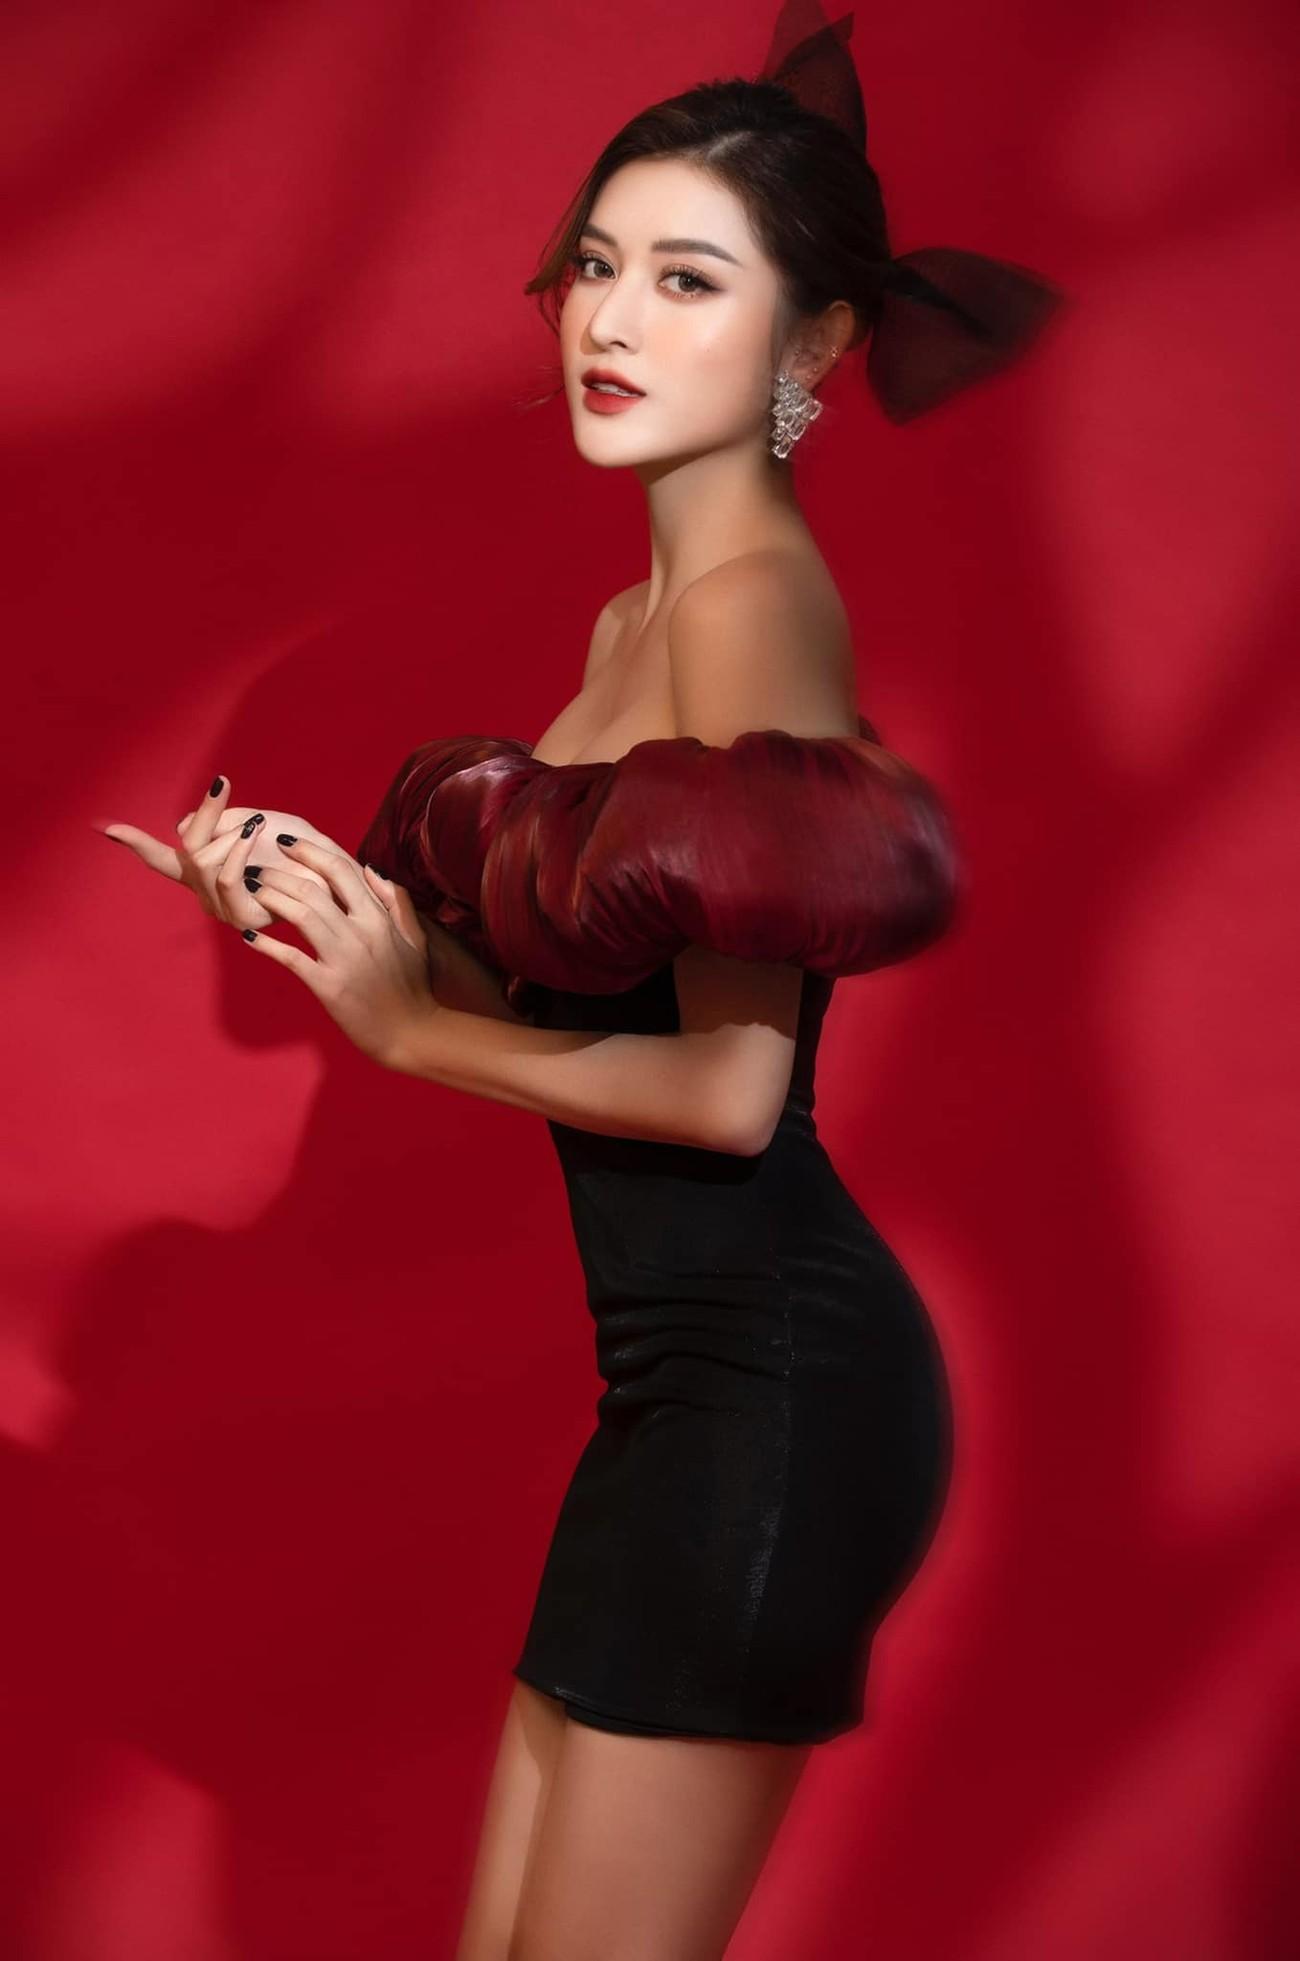 Tiểu Vy, Lương Thuỳ Linh diện váy cắt xẻ táo bạo khoe đường cong đẹp mắt ảnh 12